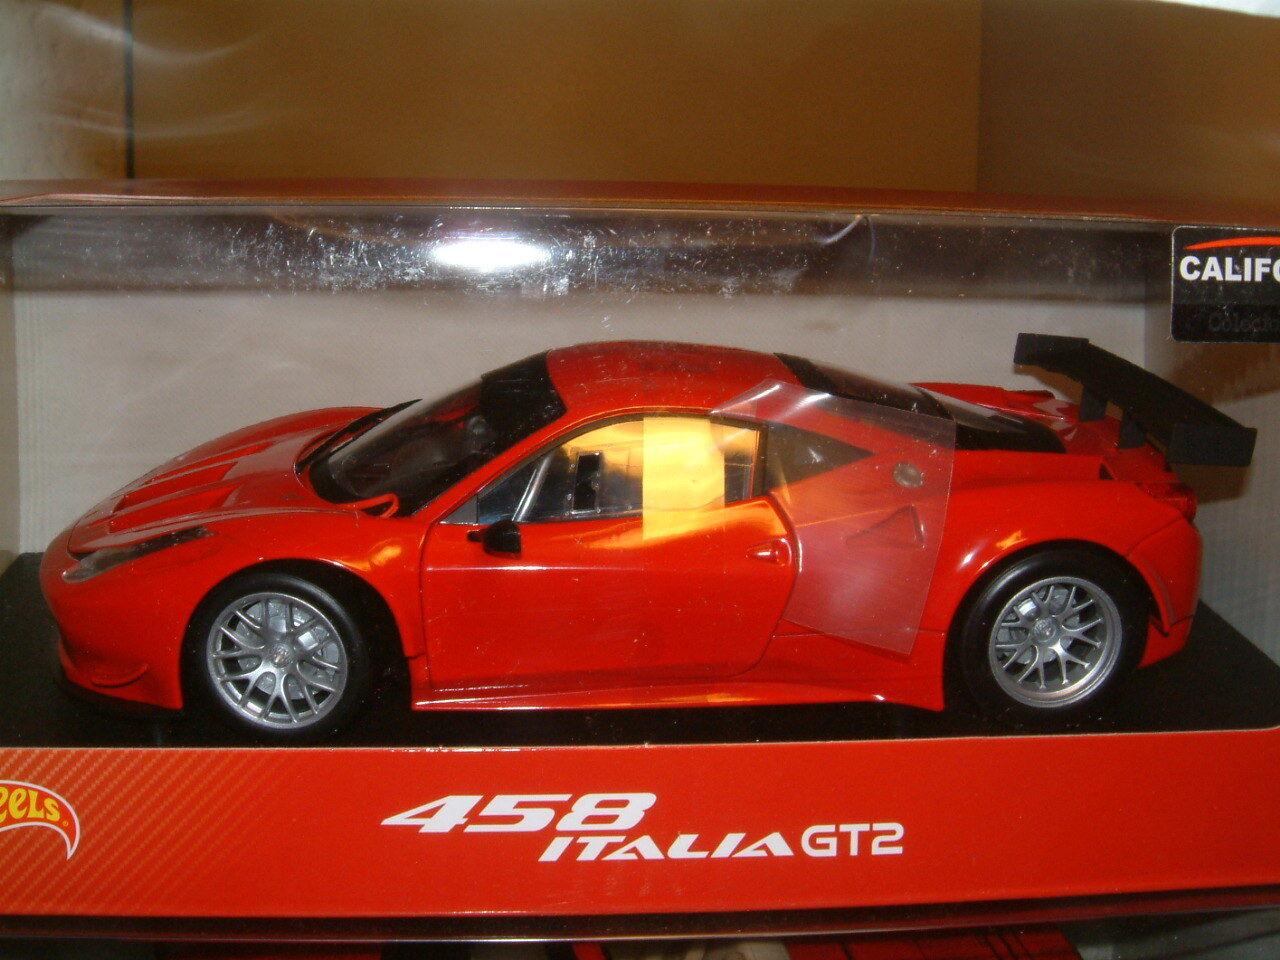 Ferrari 458 Italia GT2 en rojo, Hot Wheels de Mattel.